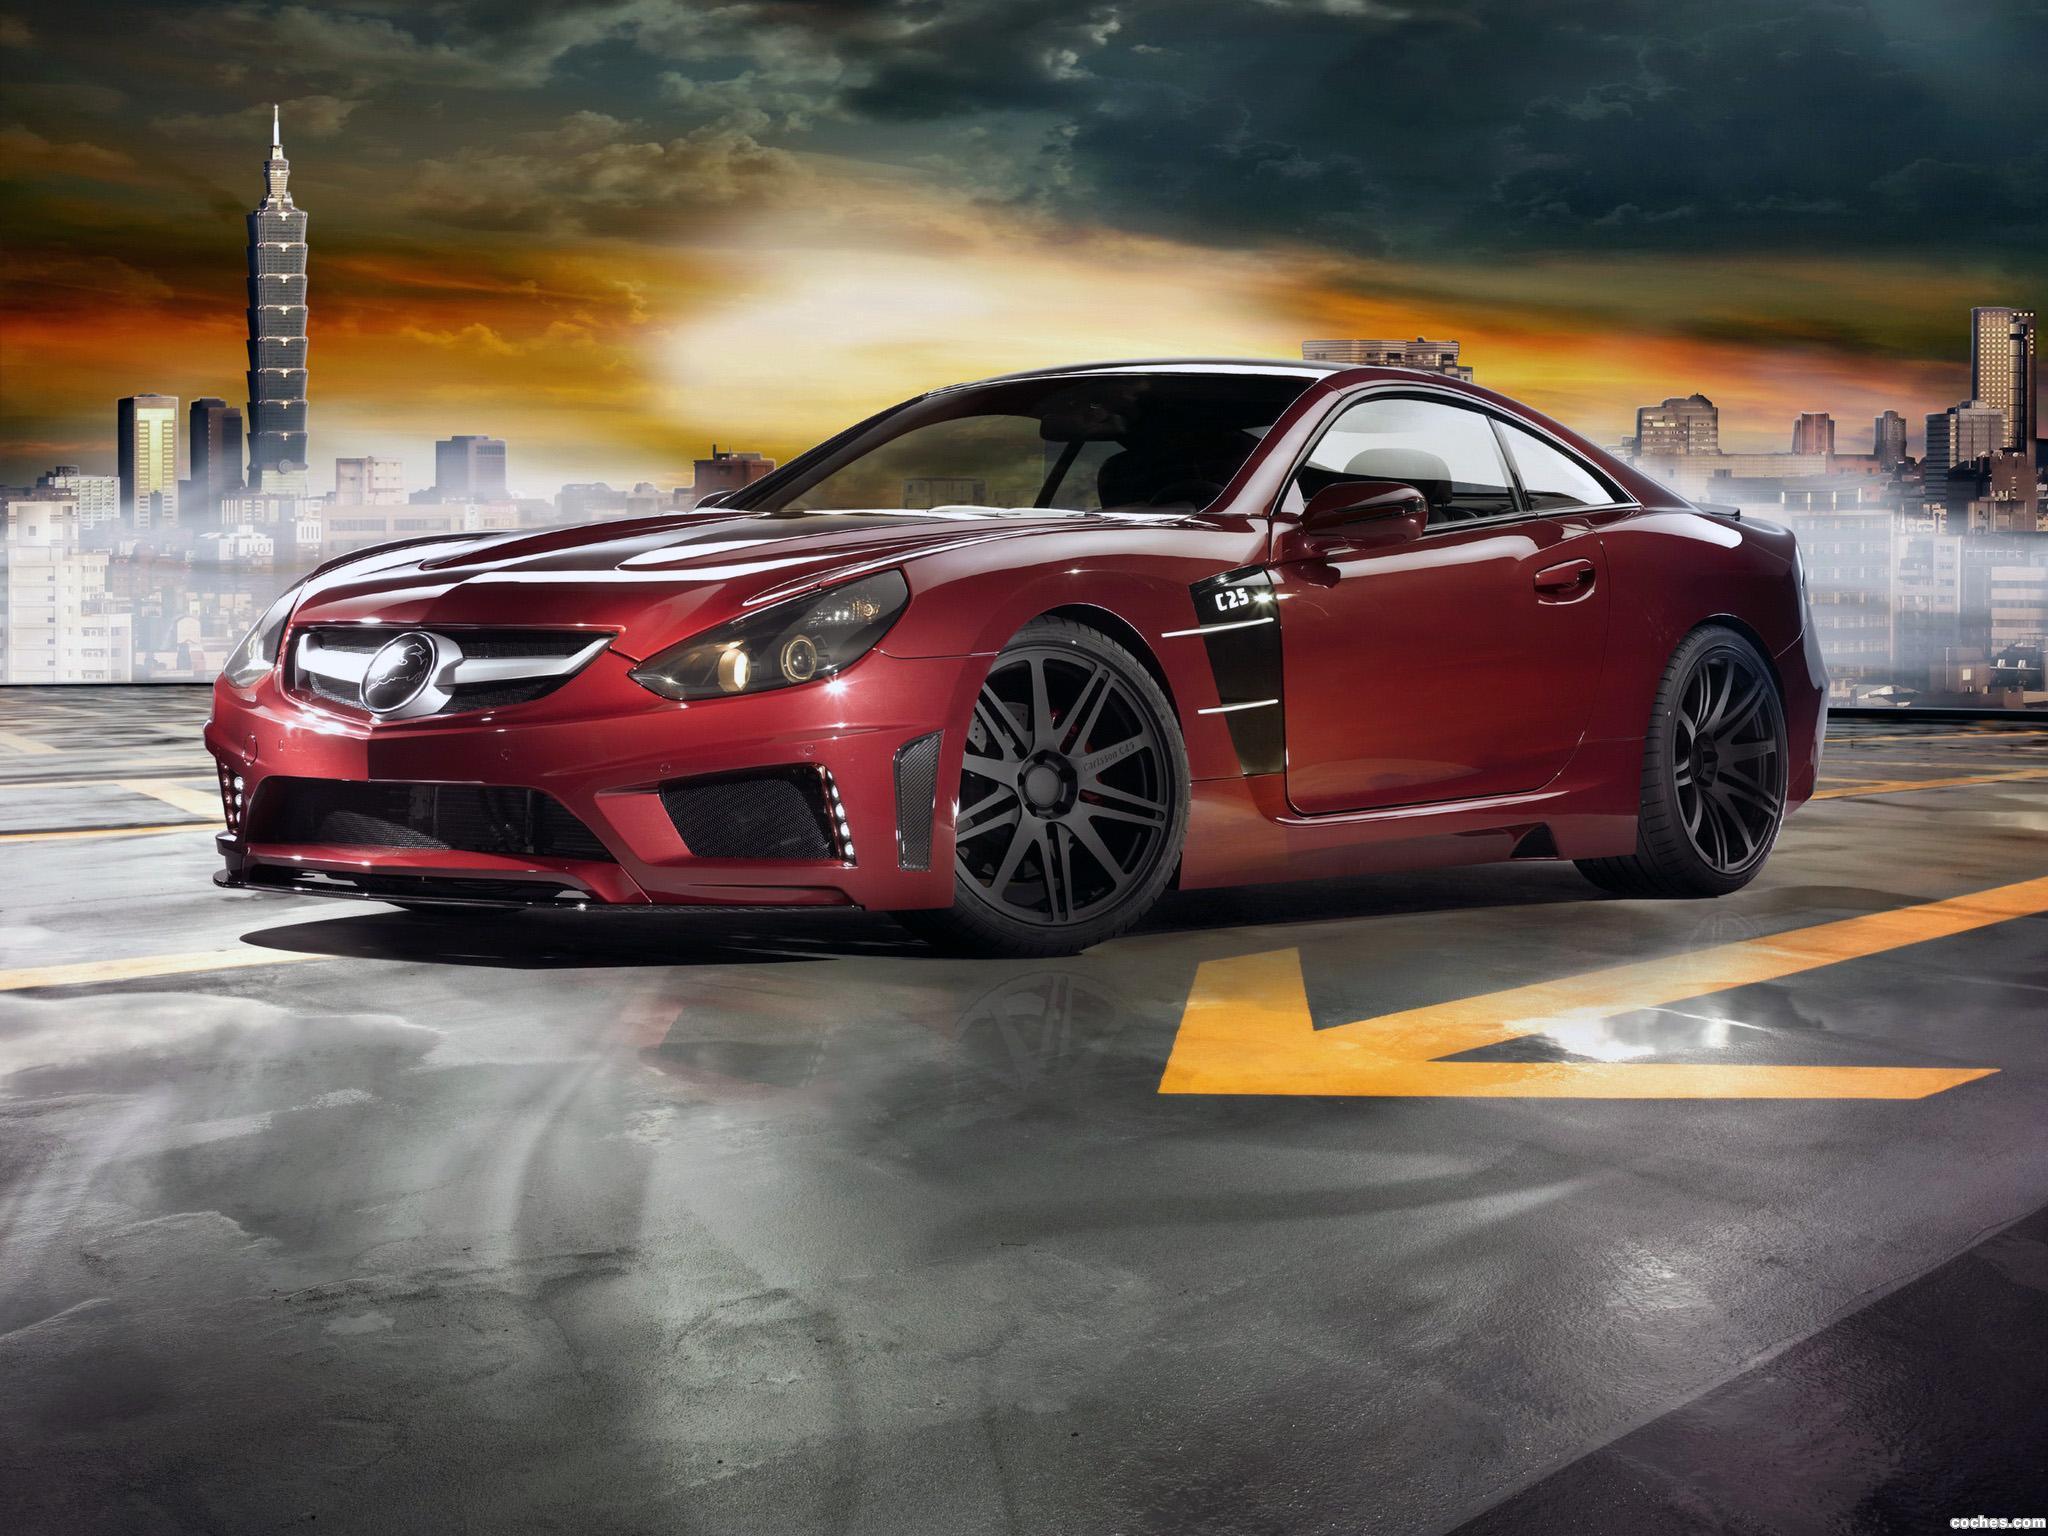 Foto 0 de Carlsson Mercedes C25 Super GT R230 2012